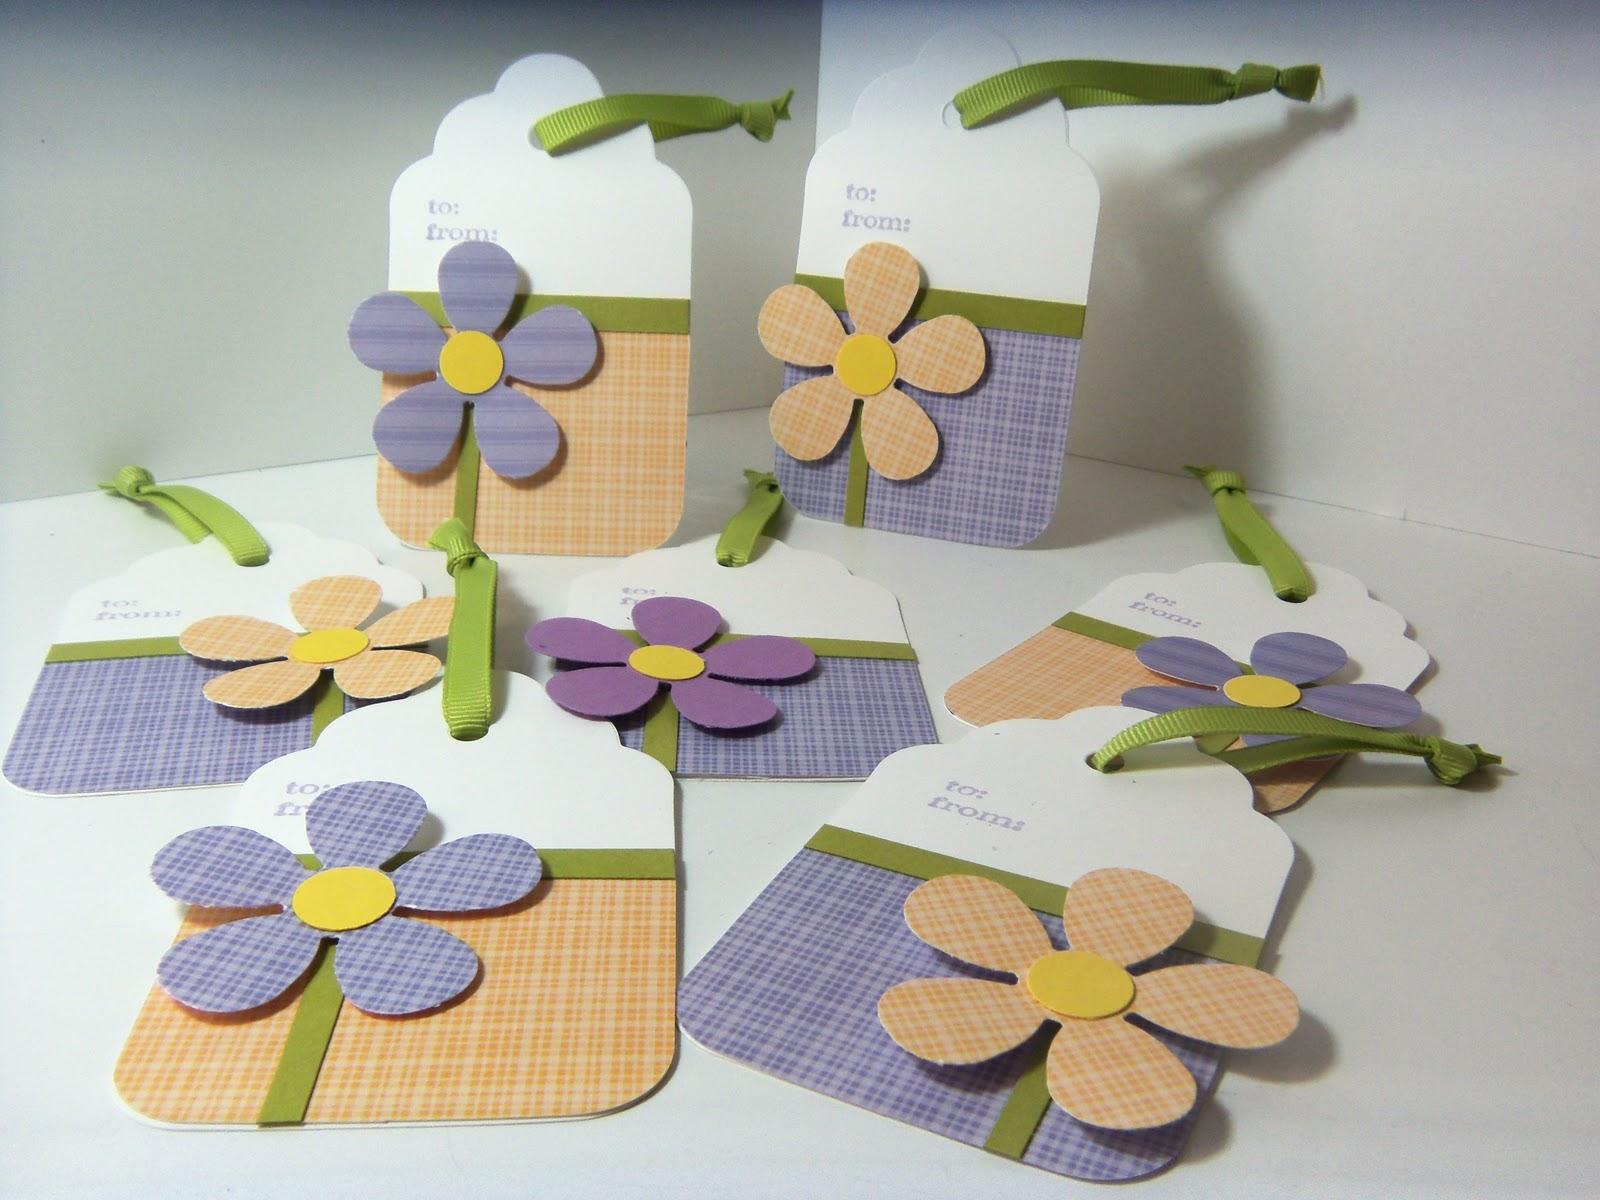 En papel arte creaciones tarjetas para los regalos - Ideas manuales para regalar ...